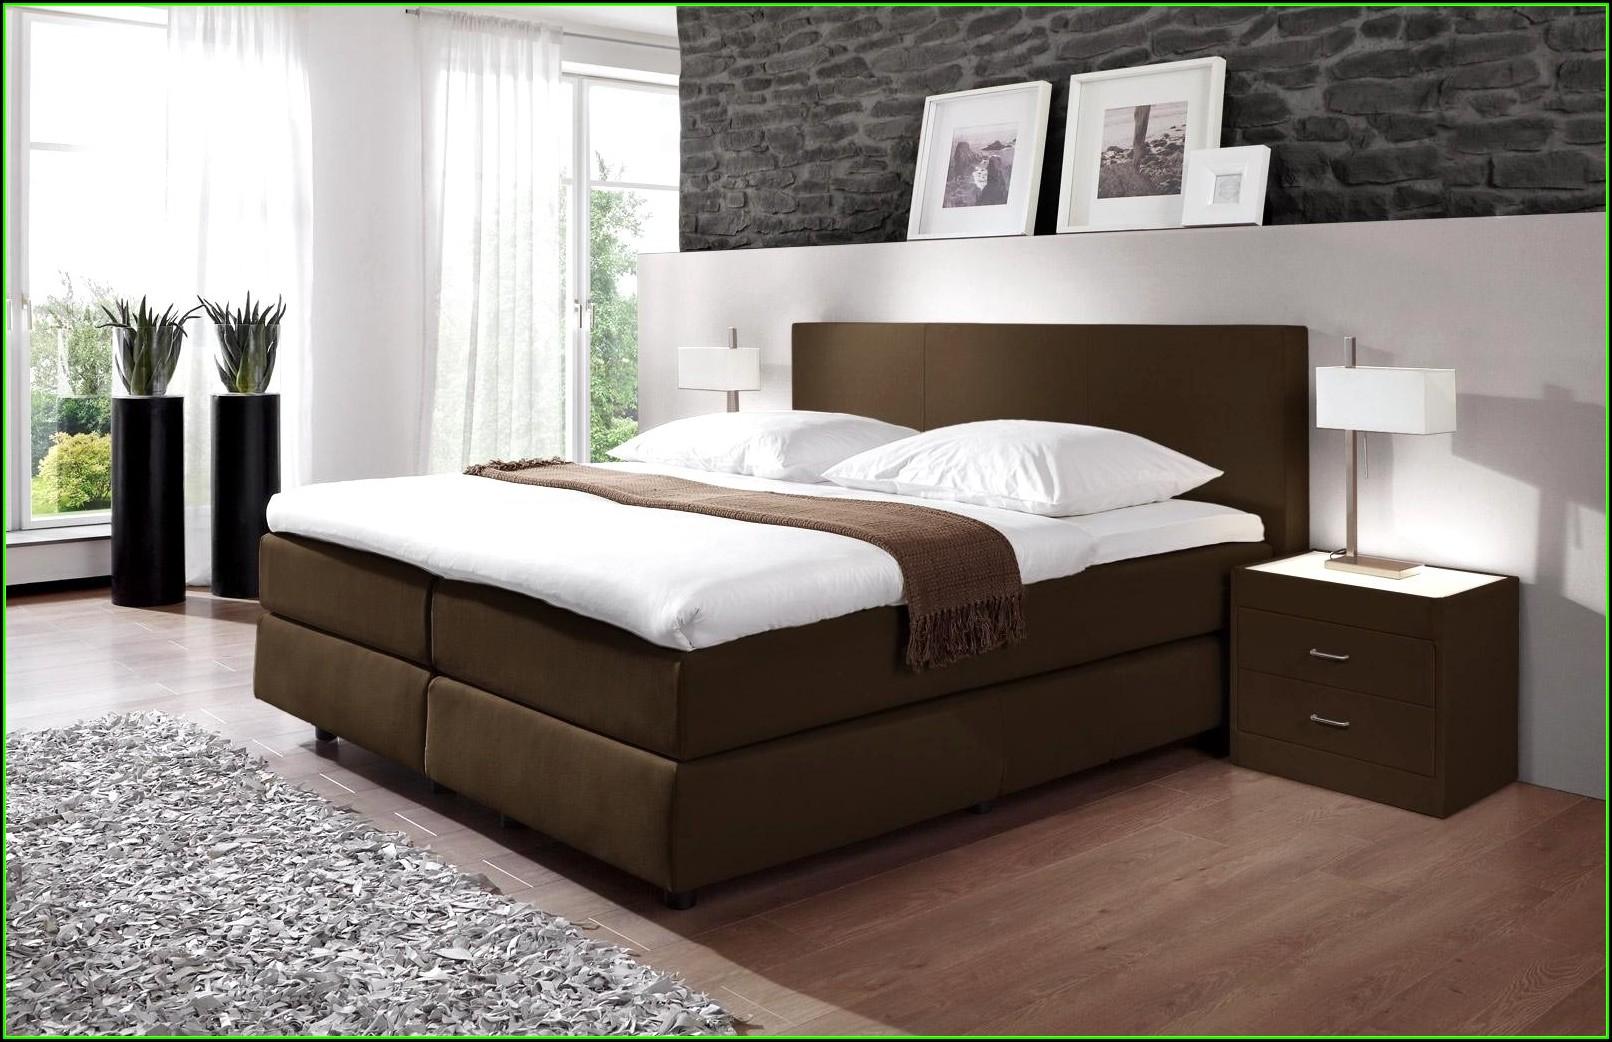 Schlafzimmer Ideen Braun Weiß